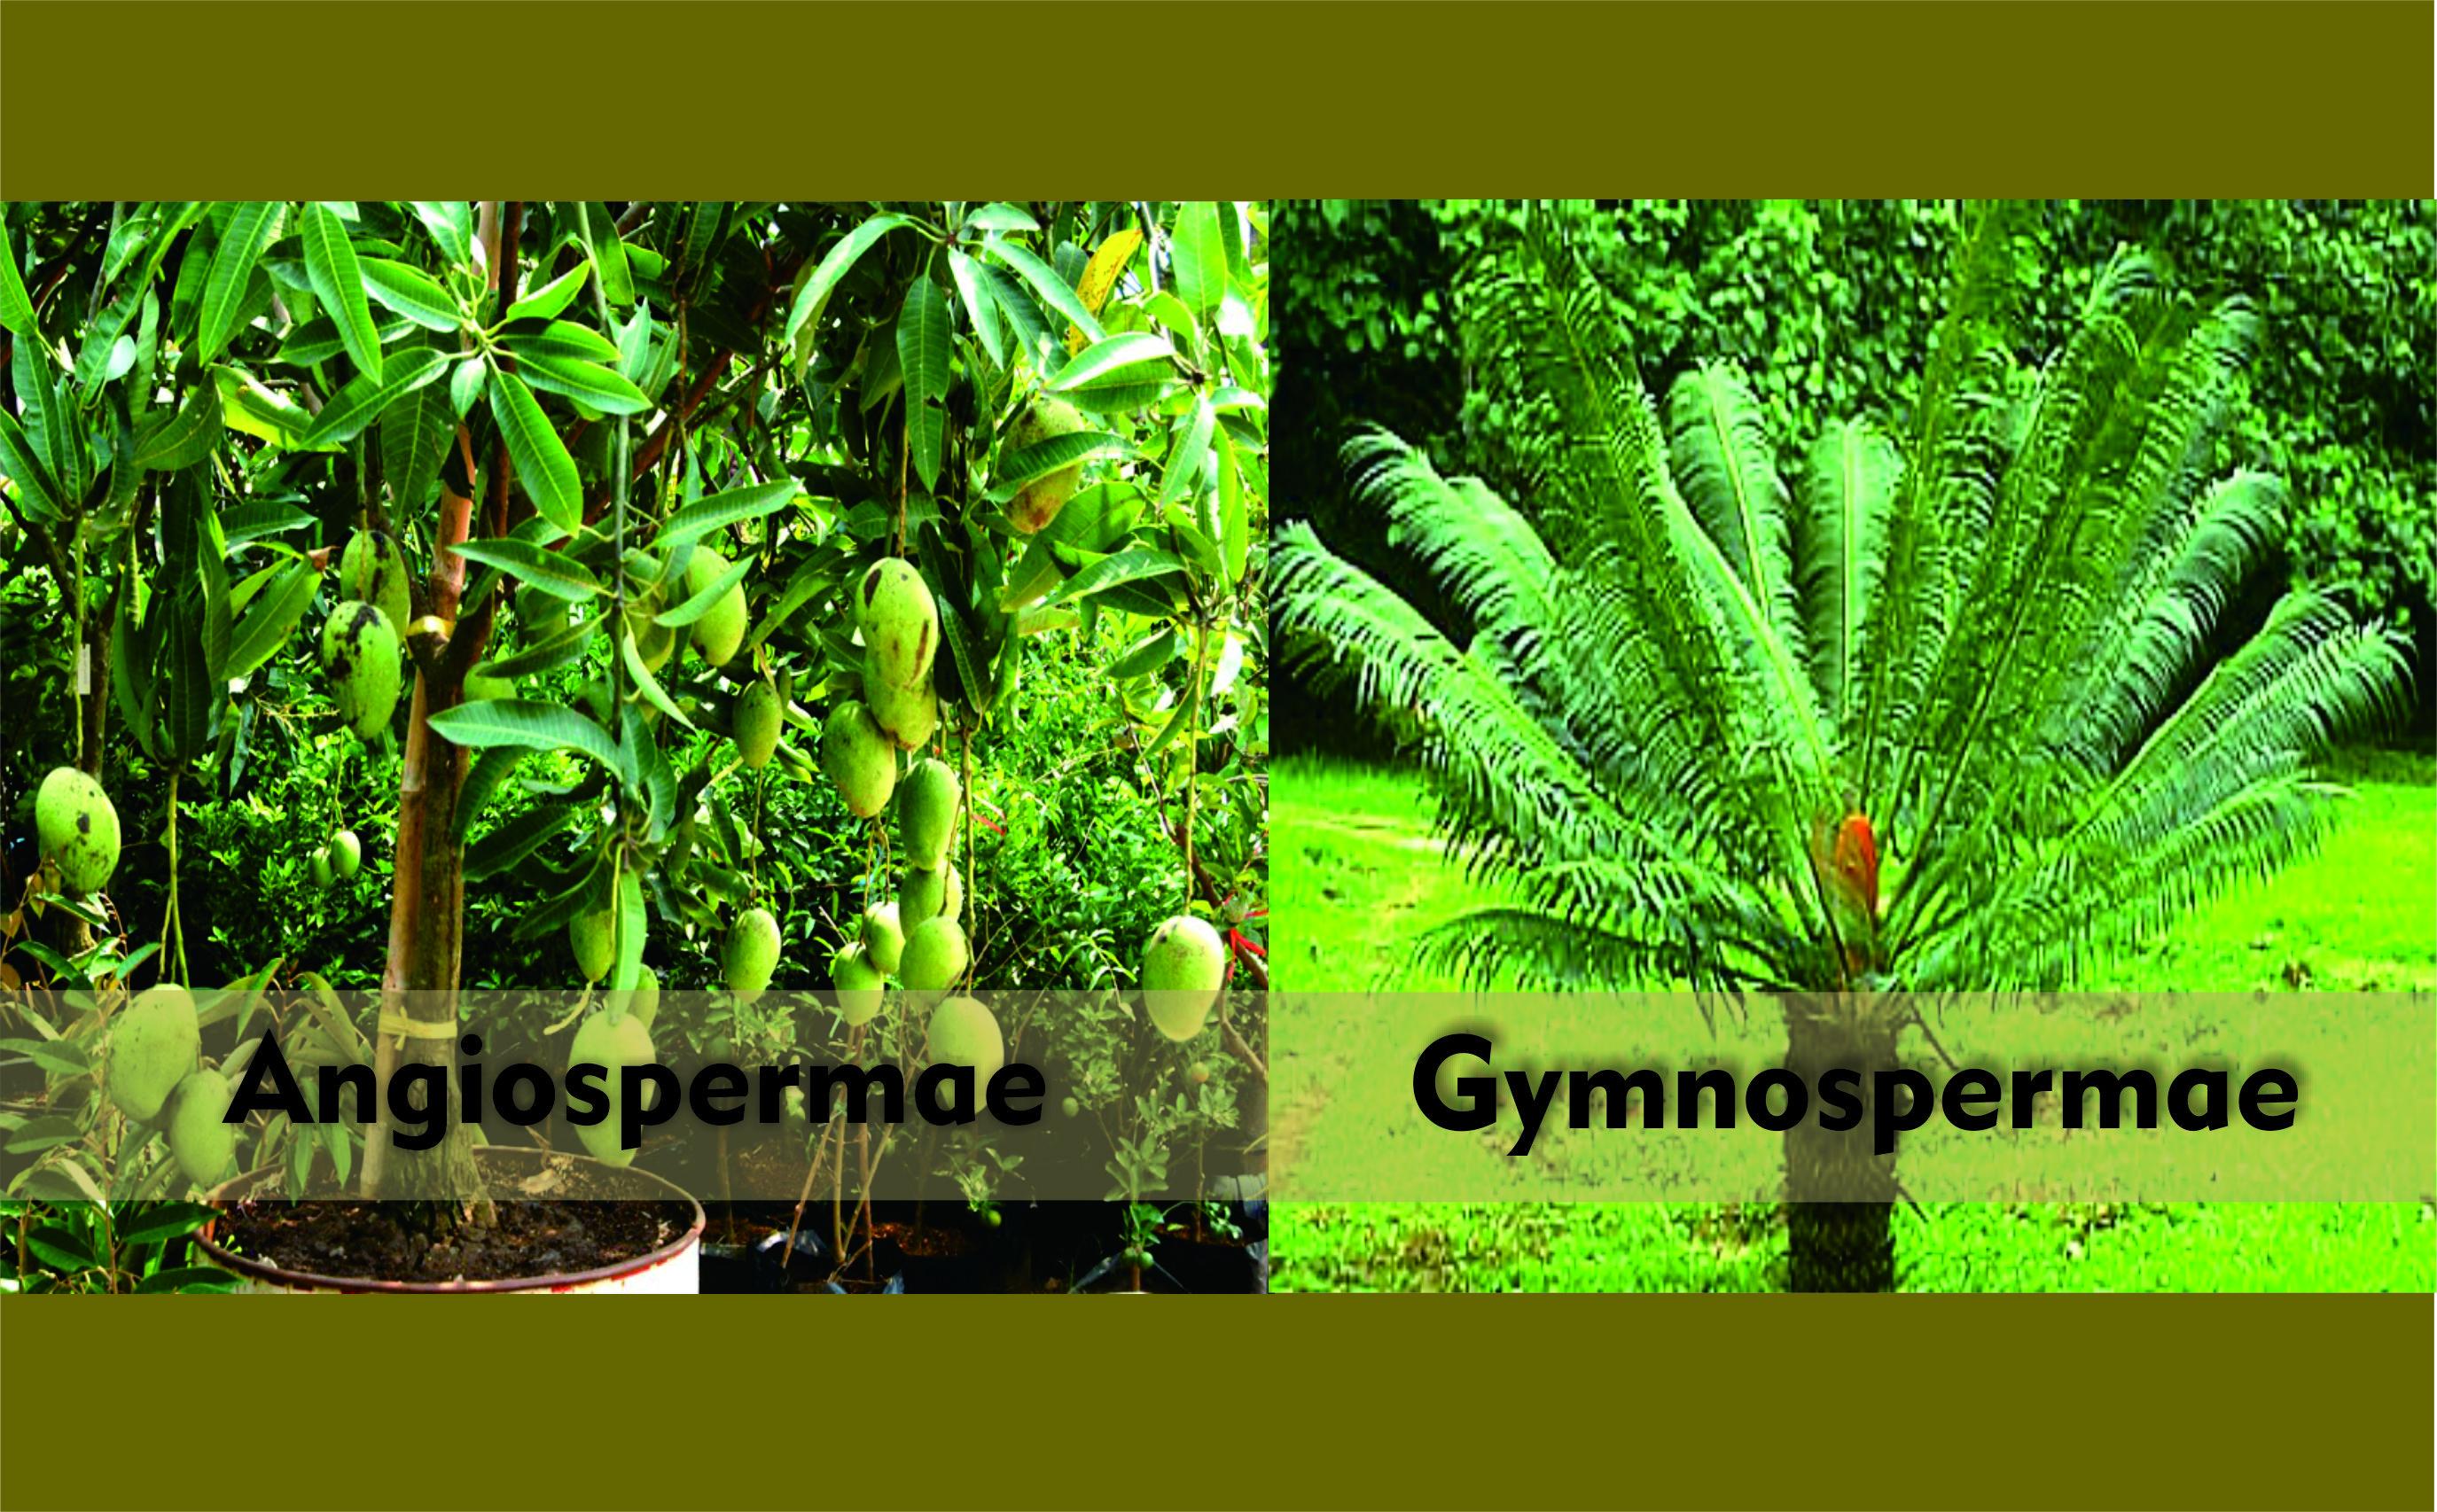 Pengertian, Ciri, dan Klasifikasi Gymnospermae (Tumbuhan ...